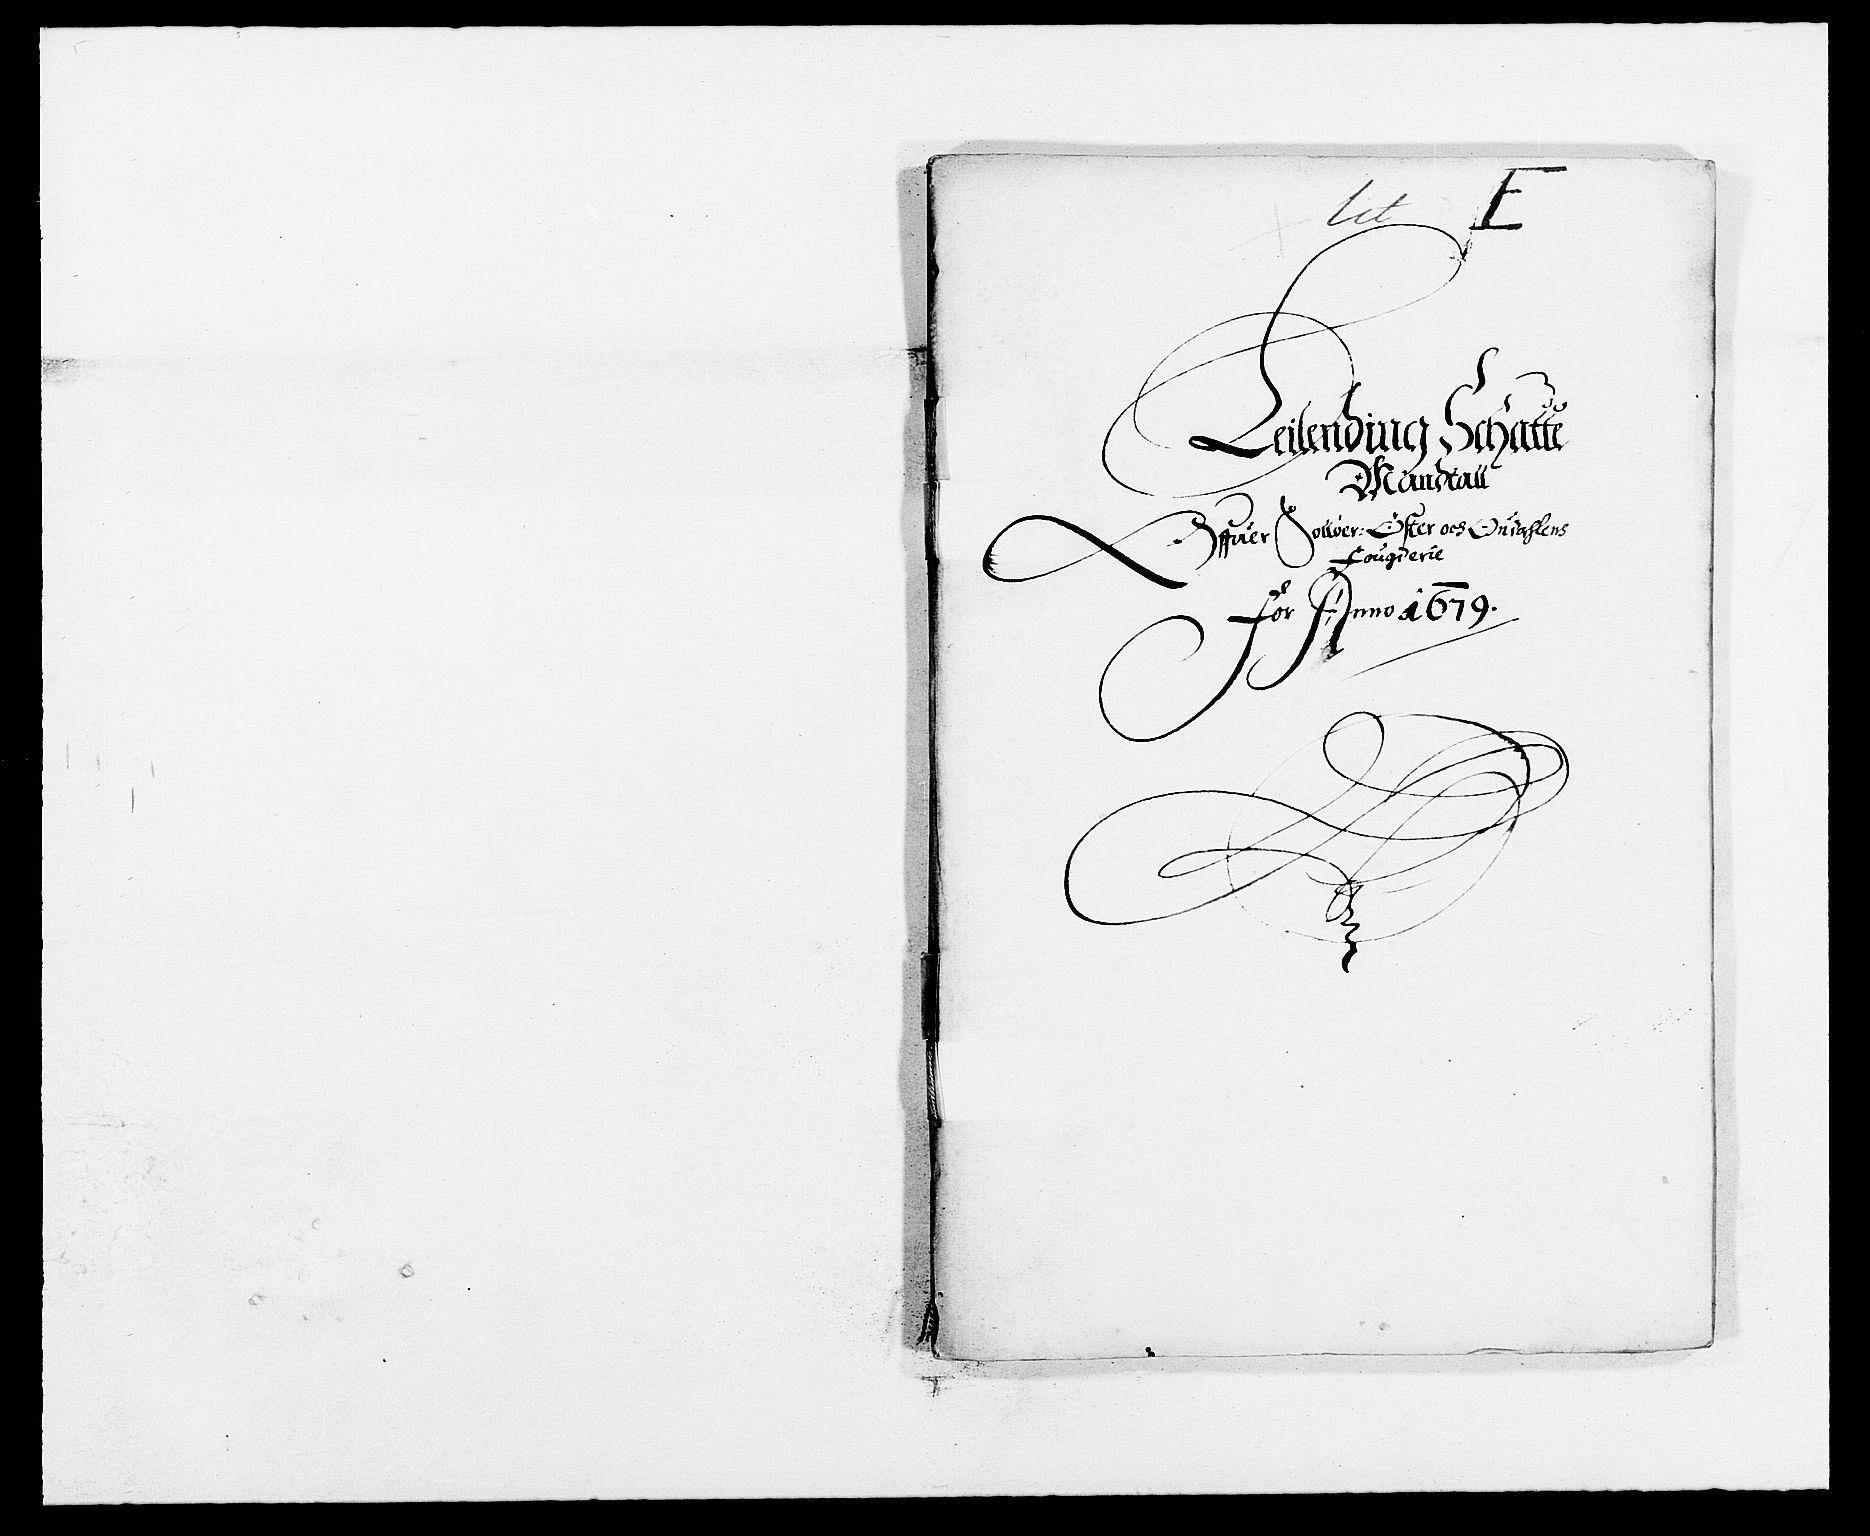 RA, Rentekammeret inntil 1814, Reviderte regnskaper, Fogderegnskap, R13/L0816: Fogderegnskap Solør, Odal og Østerdal, 1679, s. 191